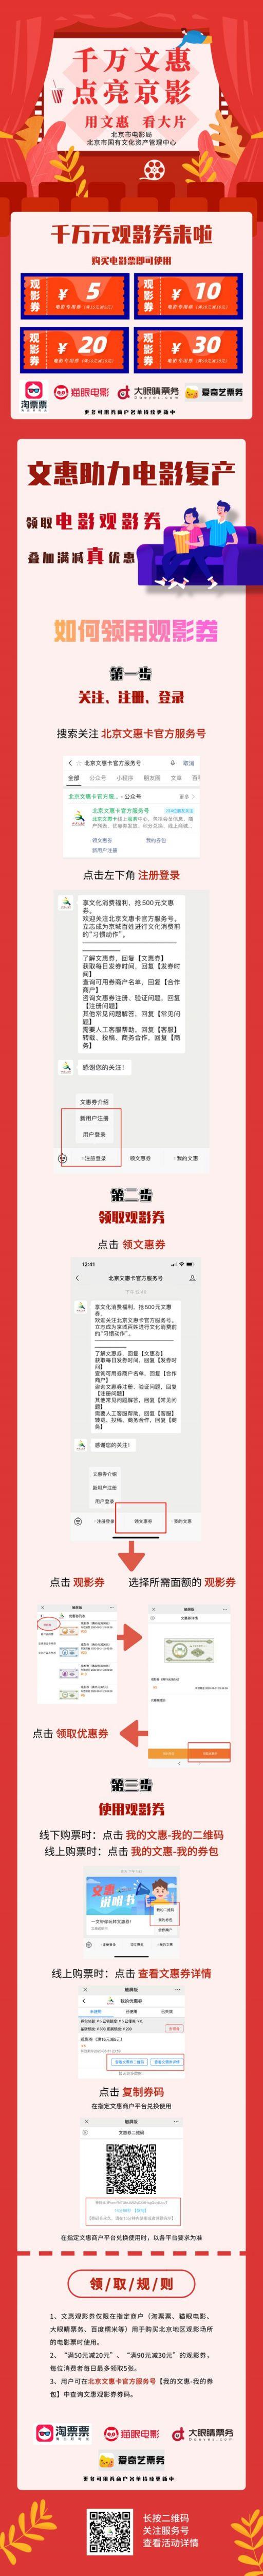 2020年北京观影券怎么买?